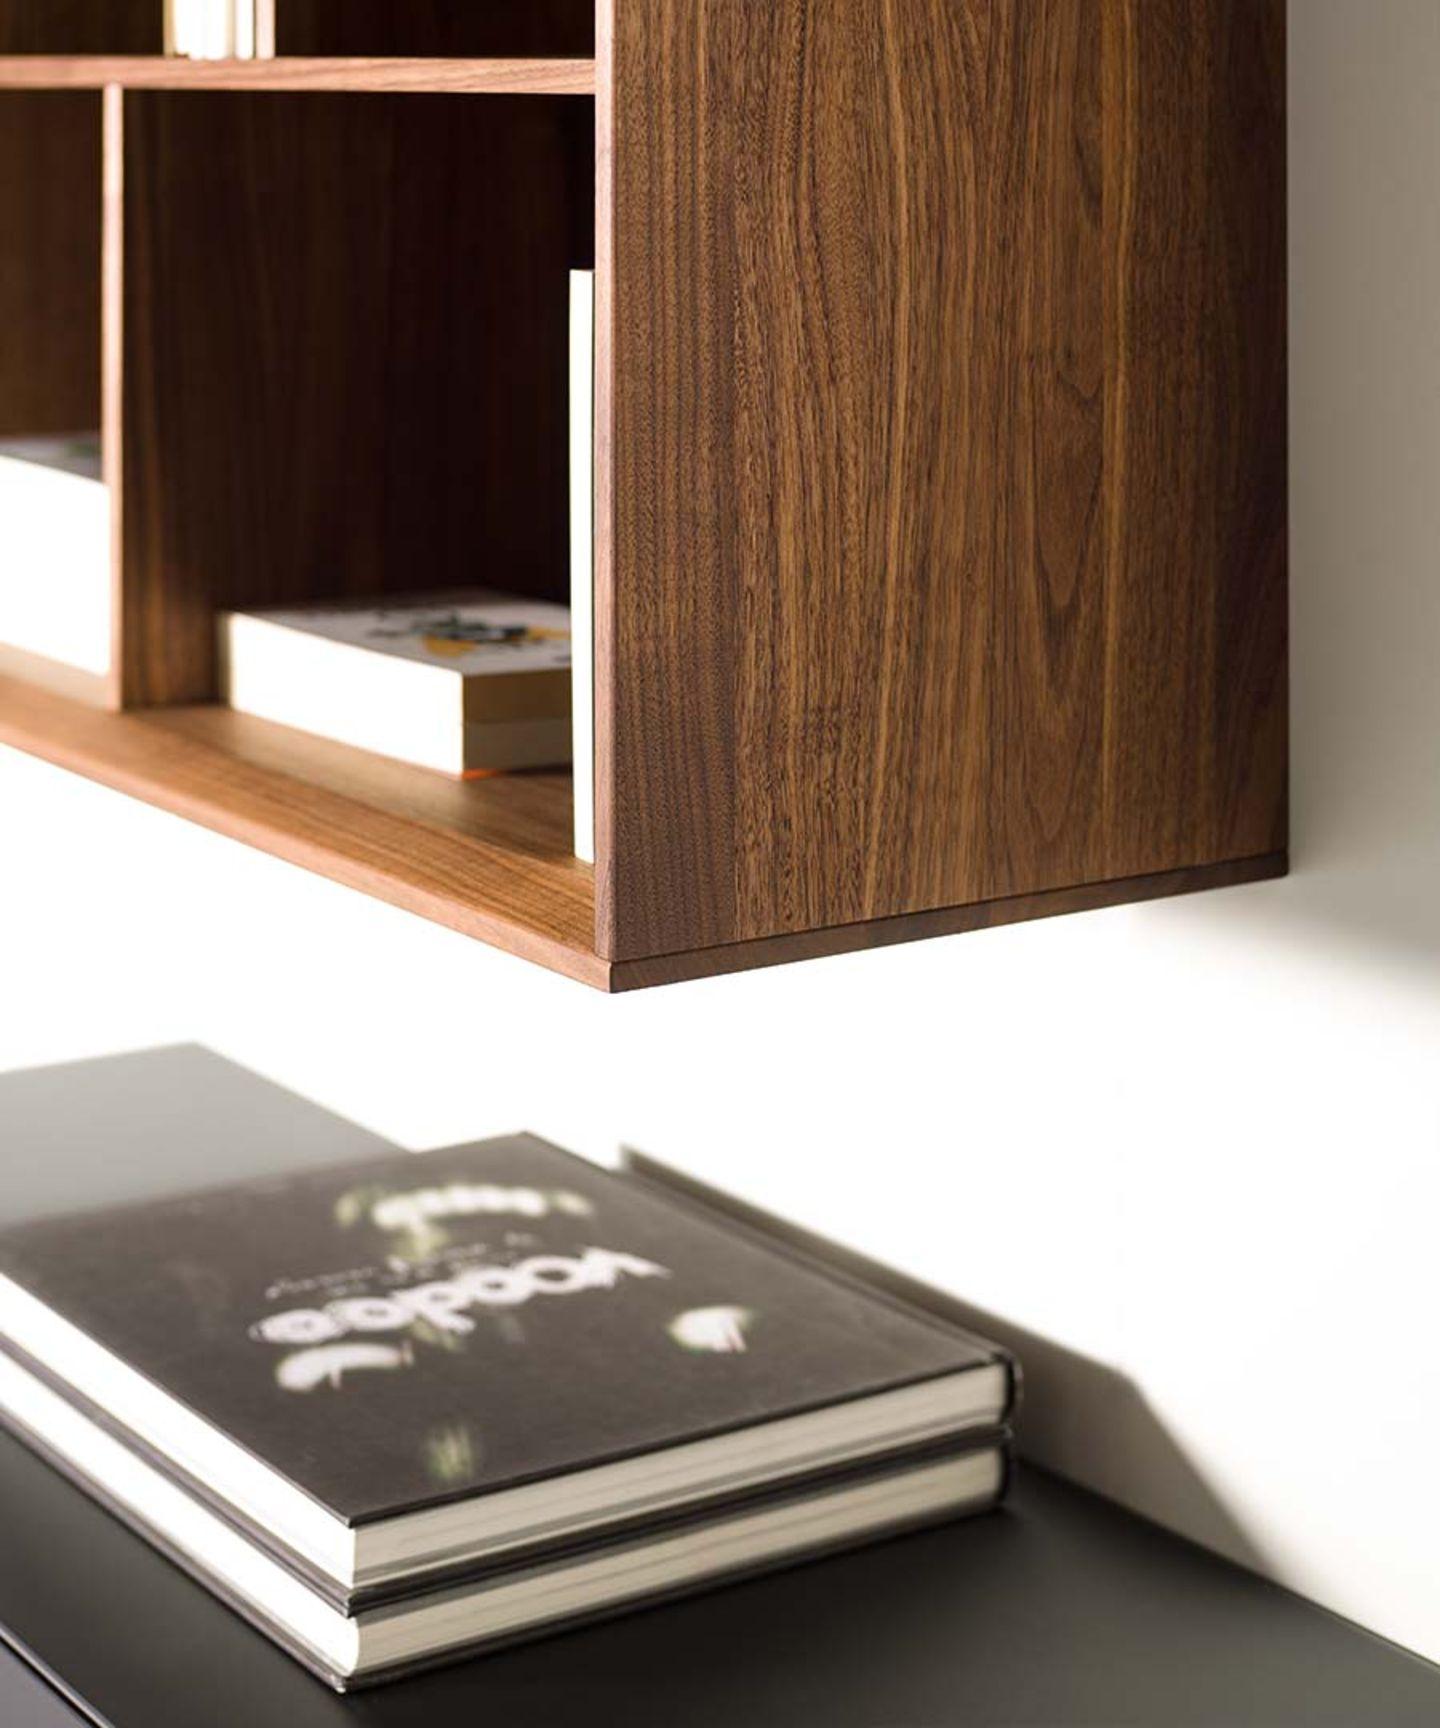 """Стенная мебель """"cubus pure"""" из натурального дерева с деталями ручной работы"""